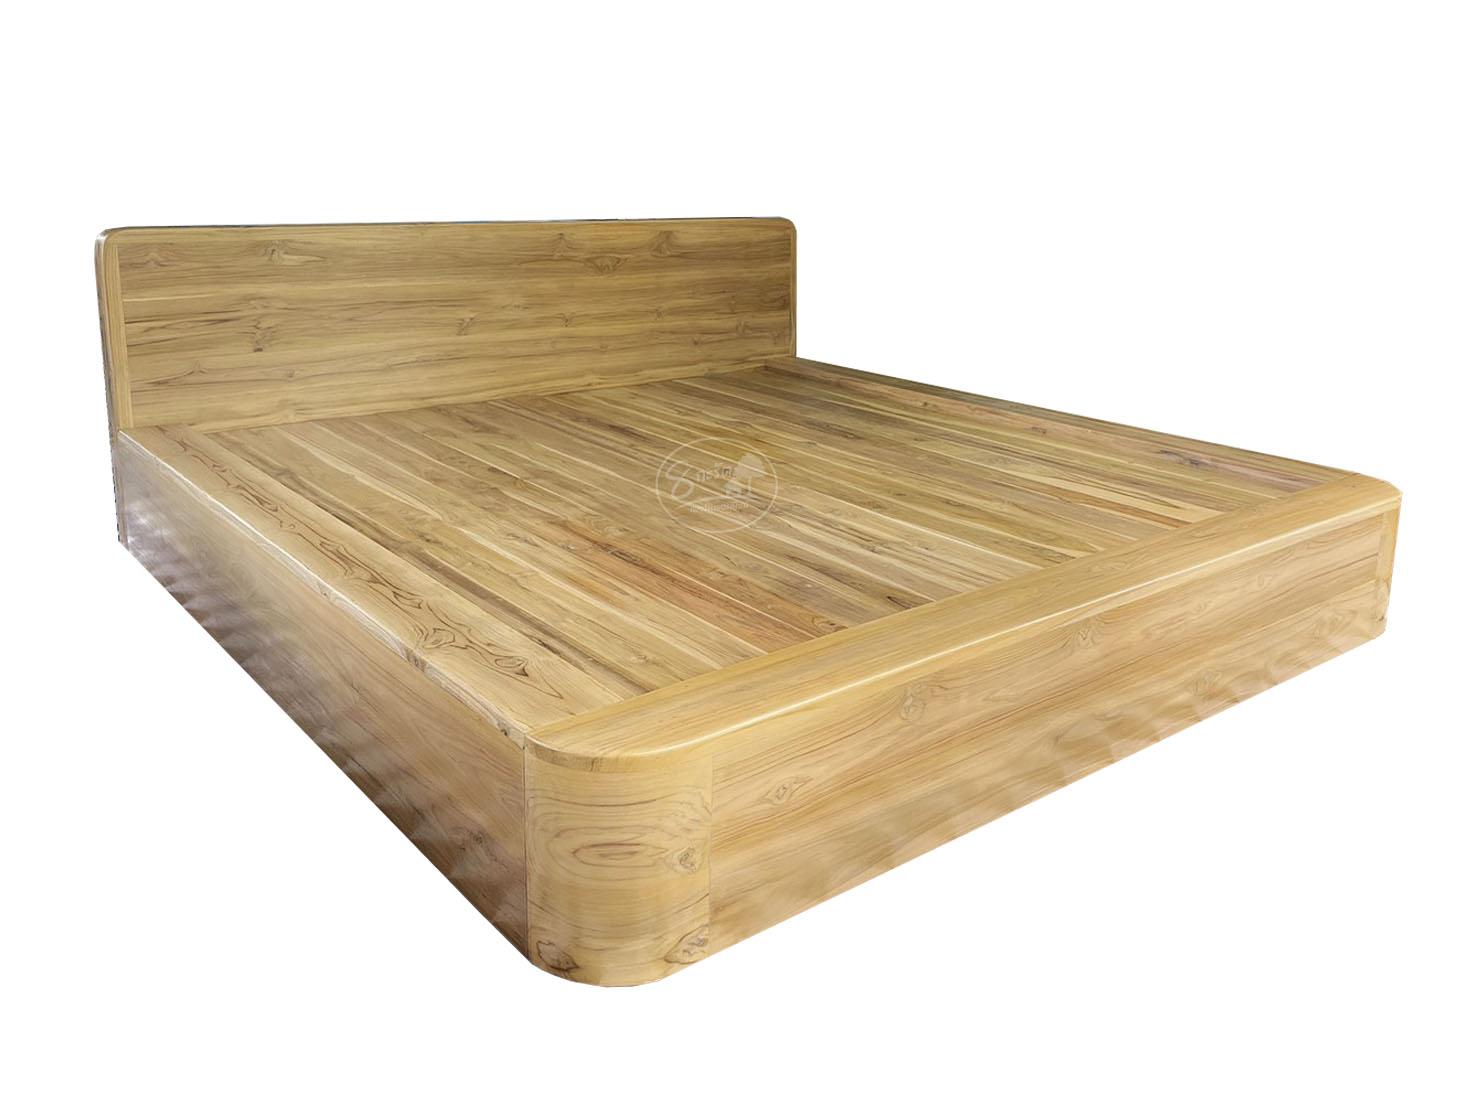 KR105 Curve Bed 🪐 เตียงนอนโค้ง 🪐